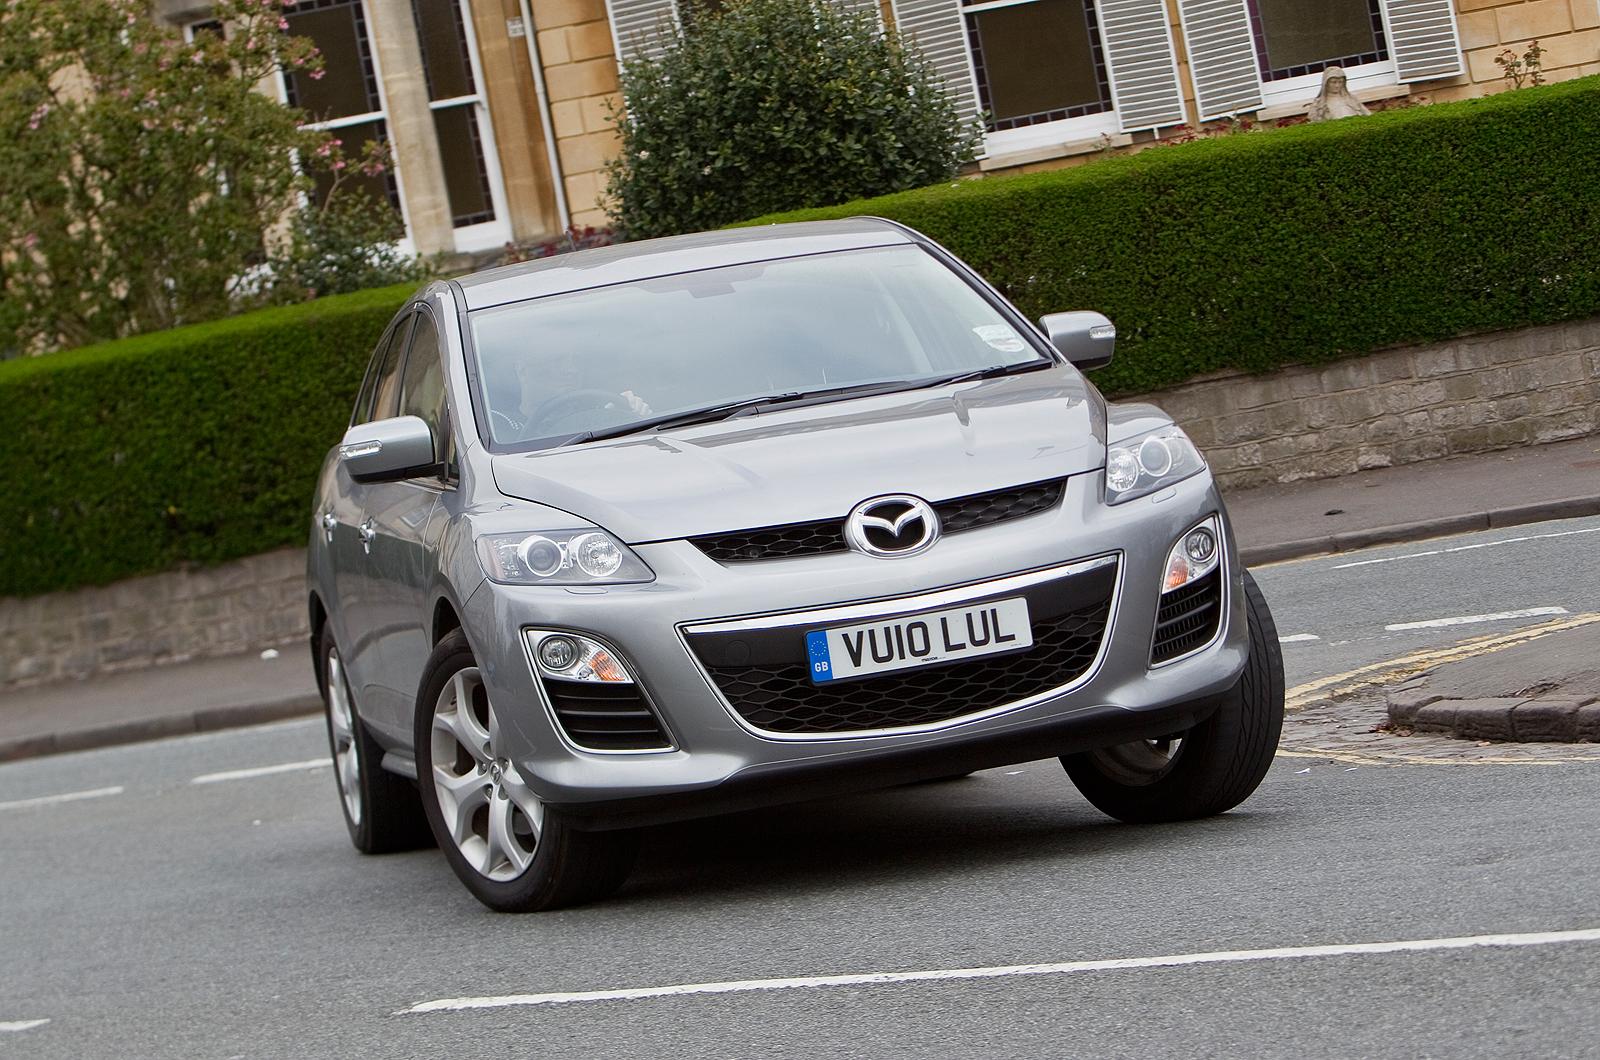 Großartig Mazda Fotos - Der Schaltplan - triangre.info